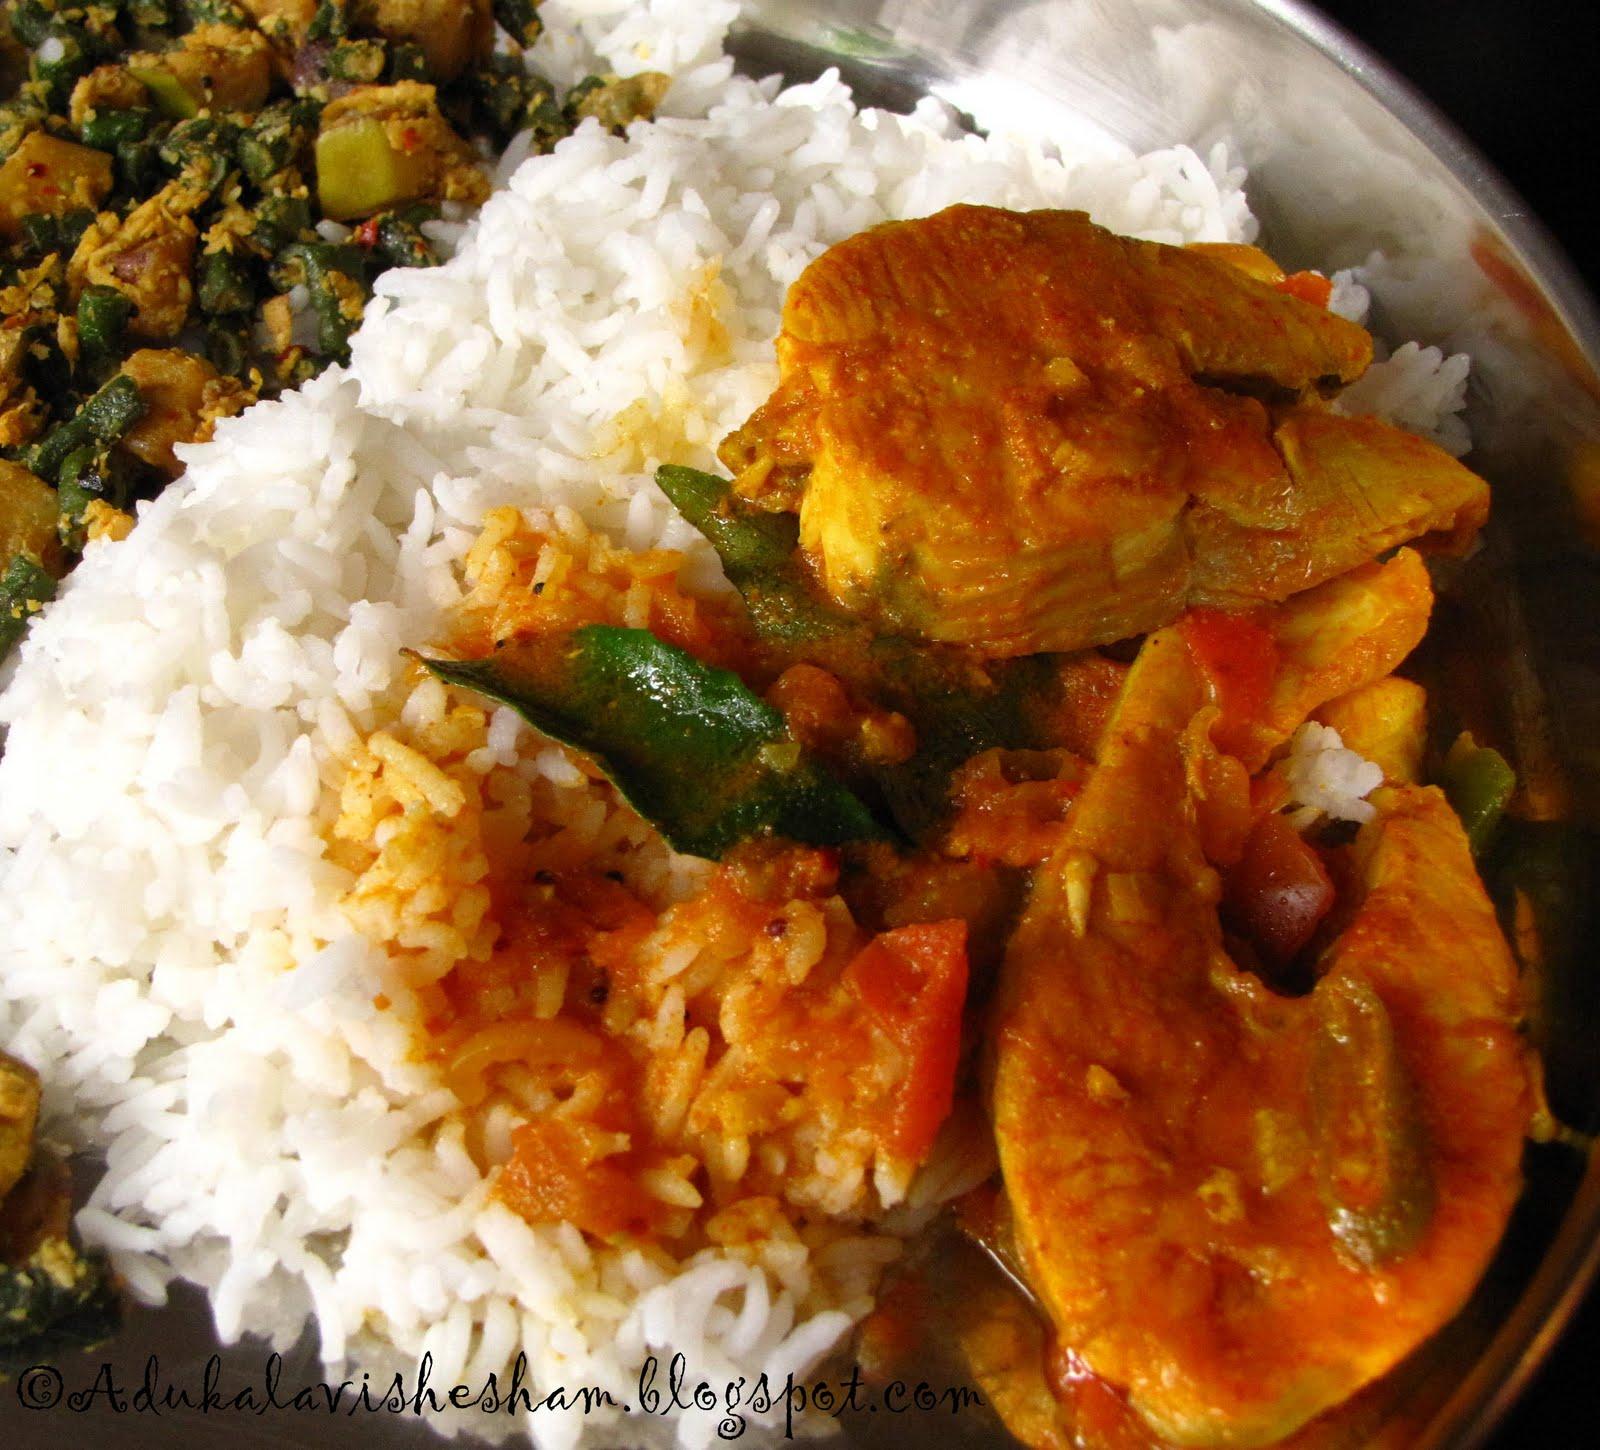 Adukala Vishesham Tomato Fish Curry